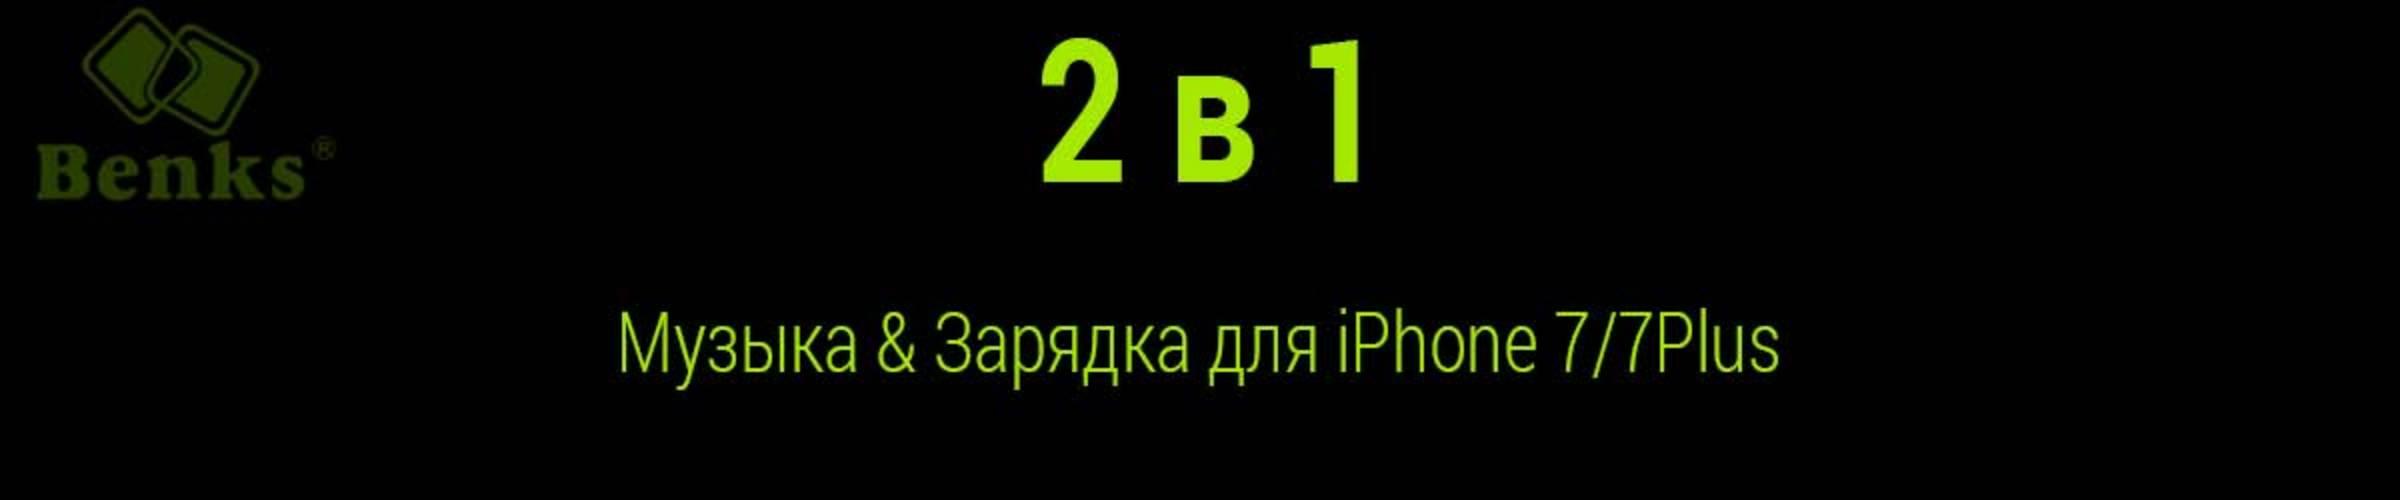 Обзор переходника для наушников и зарядки на iPhone 7-7Plus